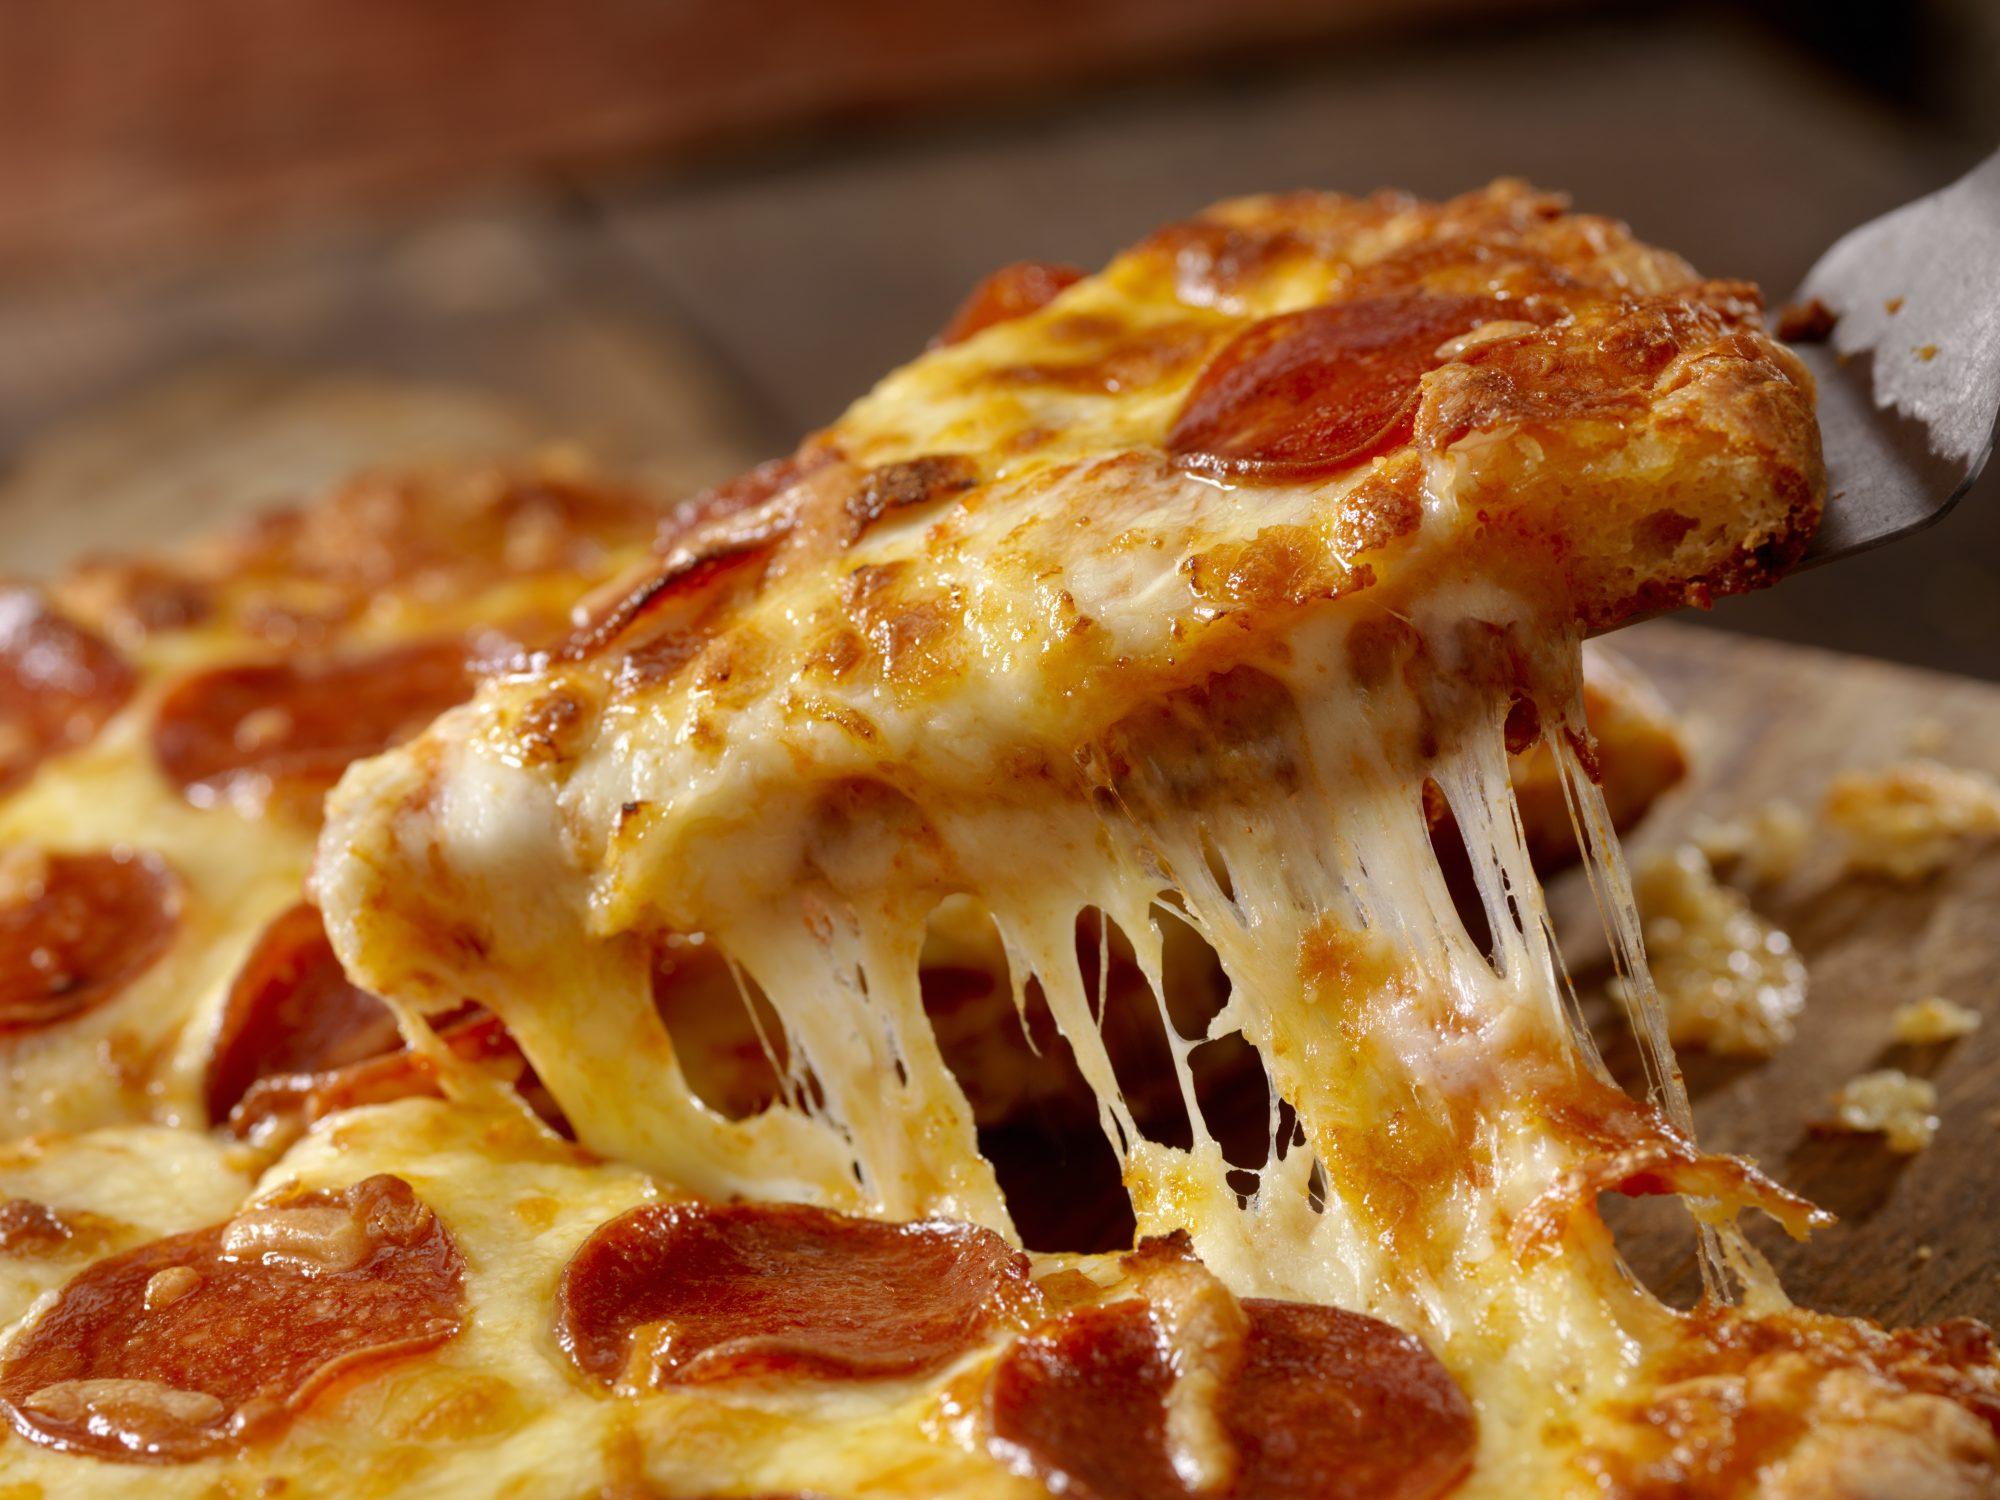 Pizza Getty 11/11/2019